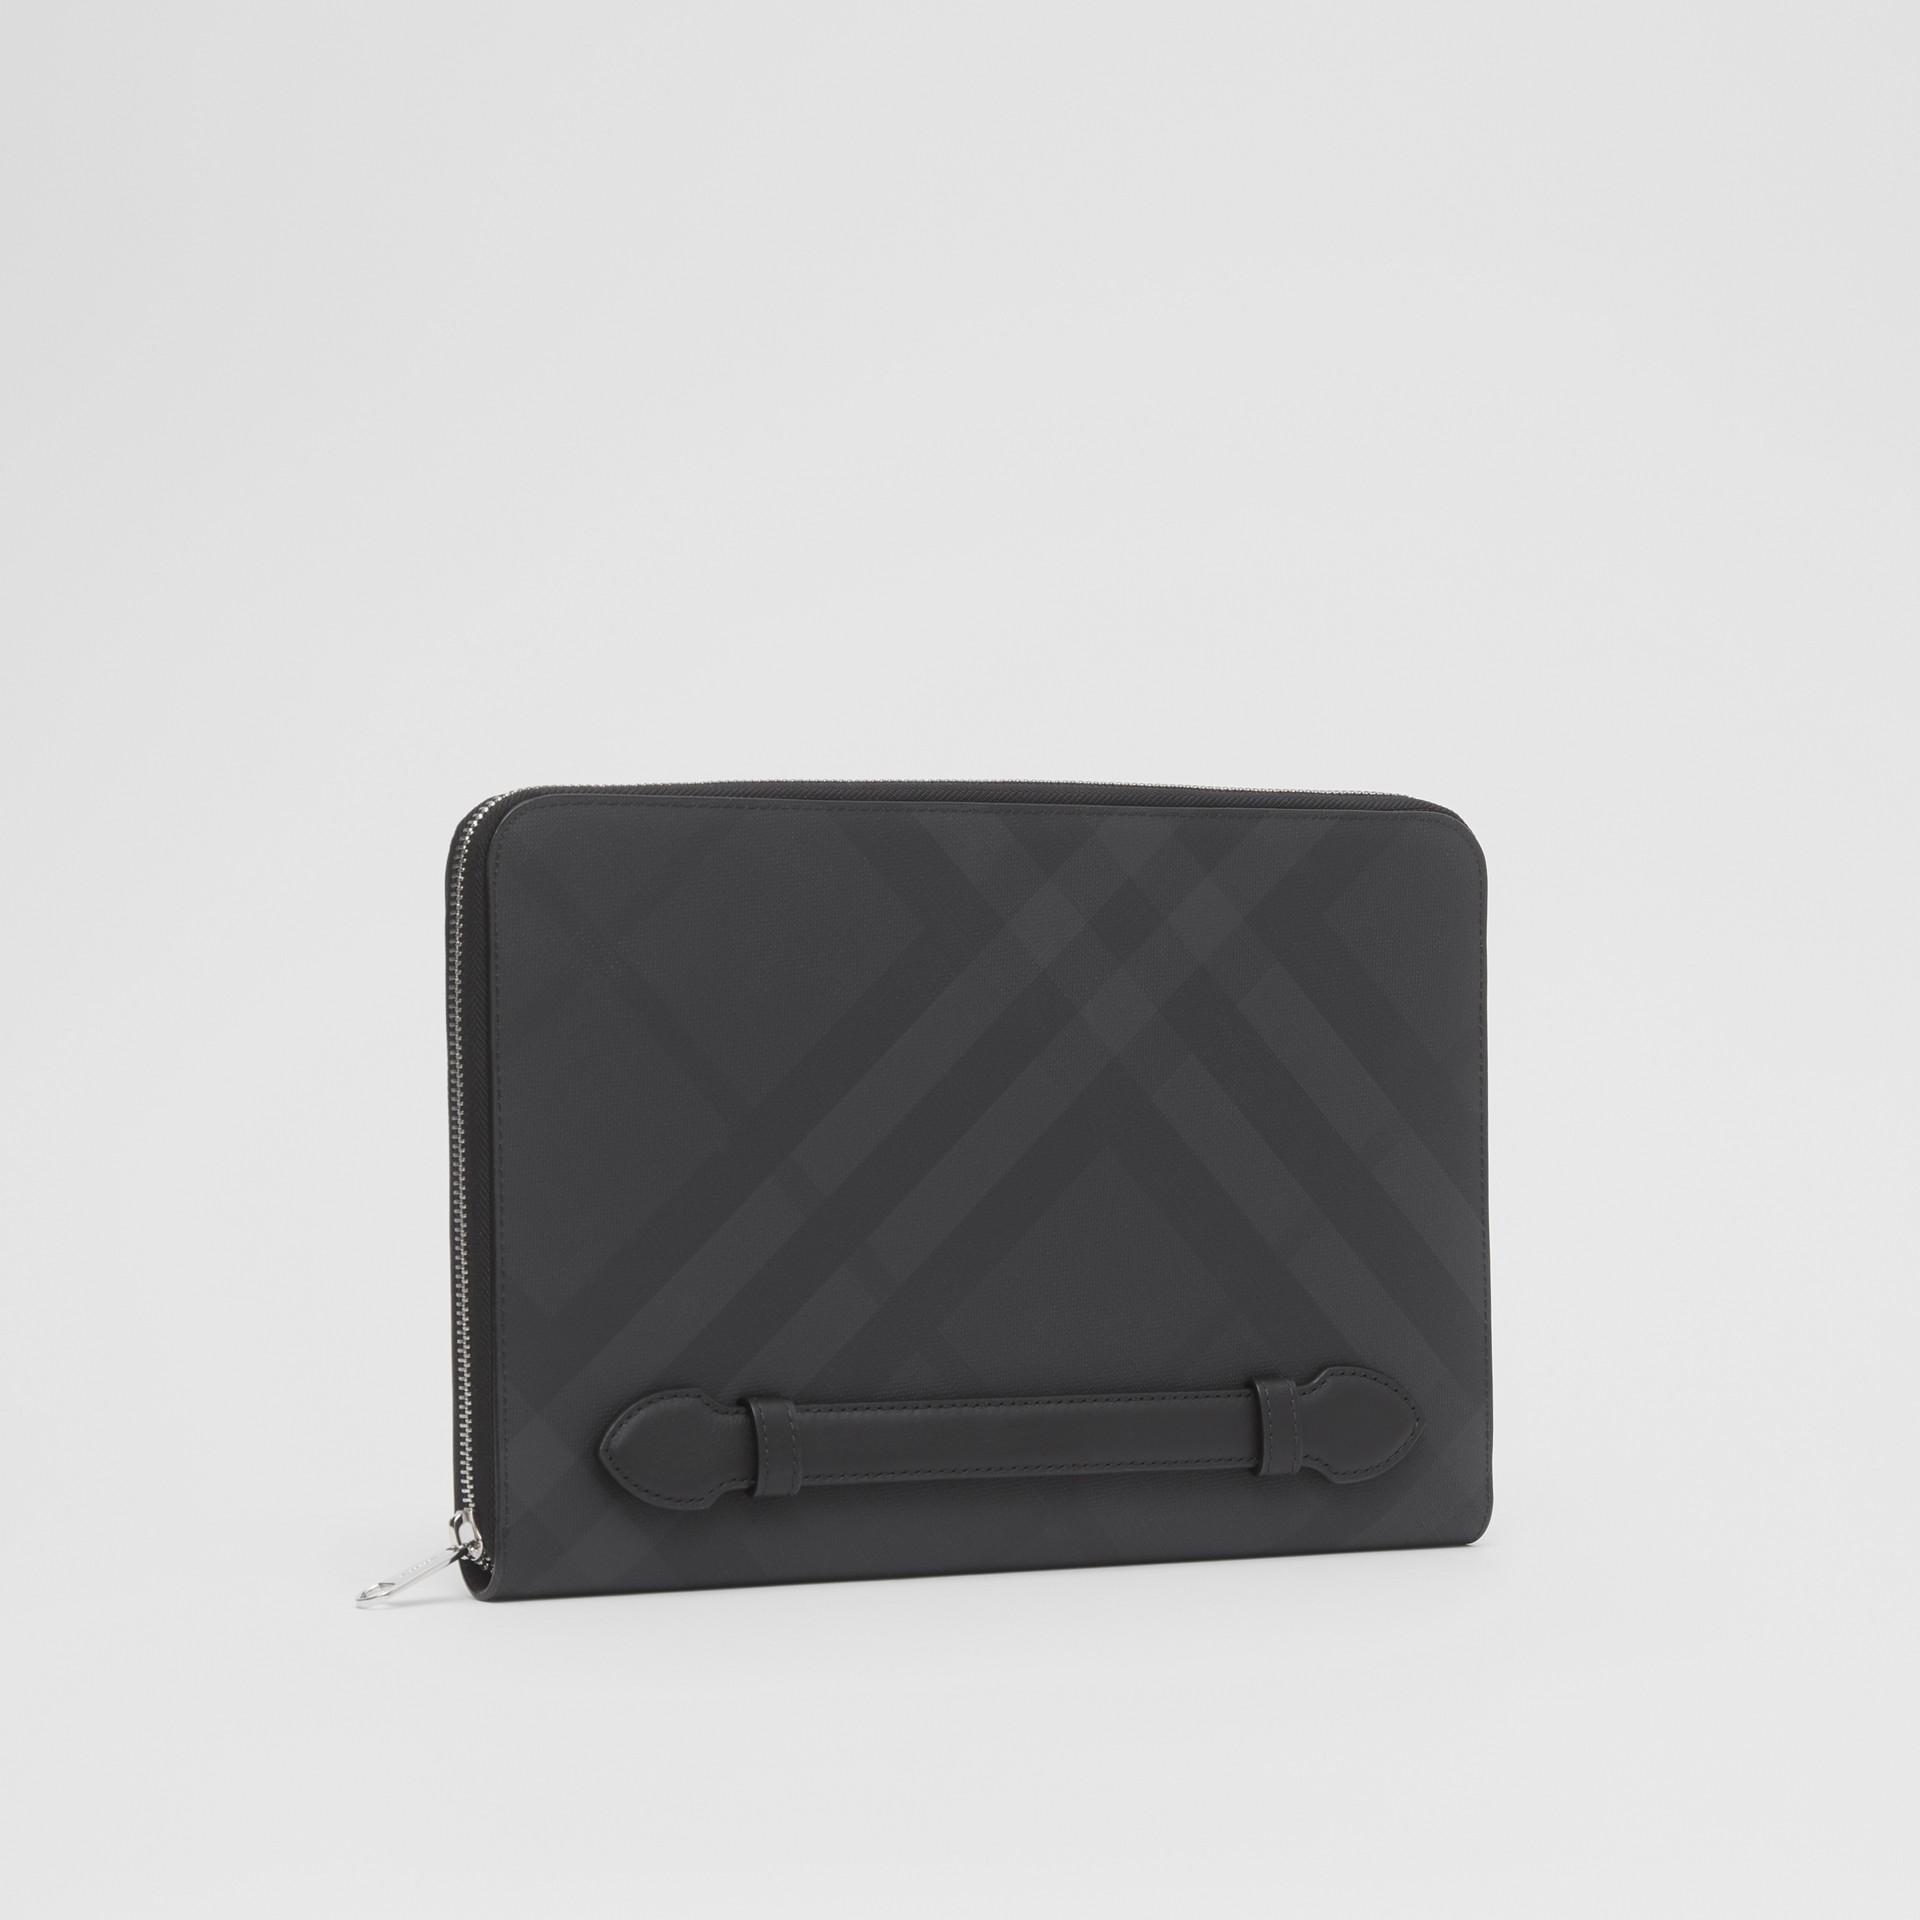 Pochette zippée en tissu London check et cuir (Anthracite Sombre) - Homme | Burberry - photo de la galerie 5